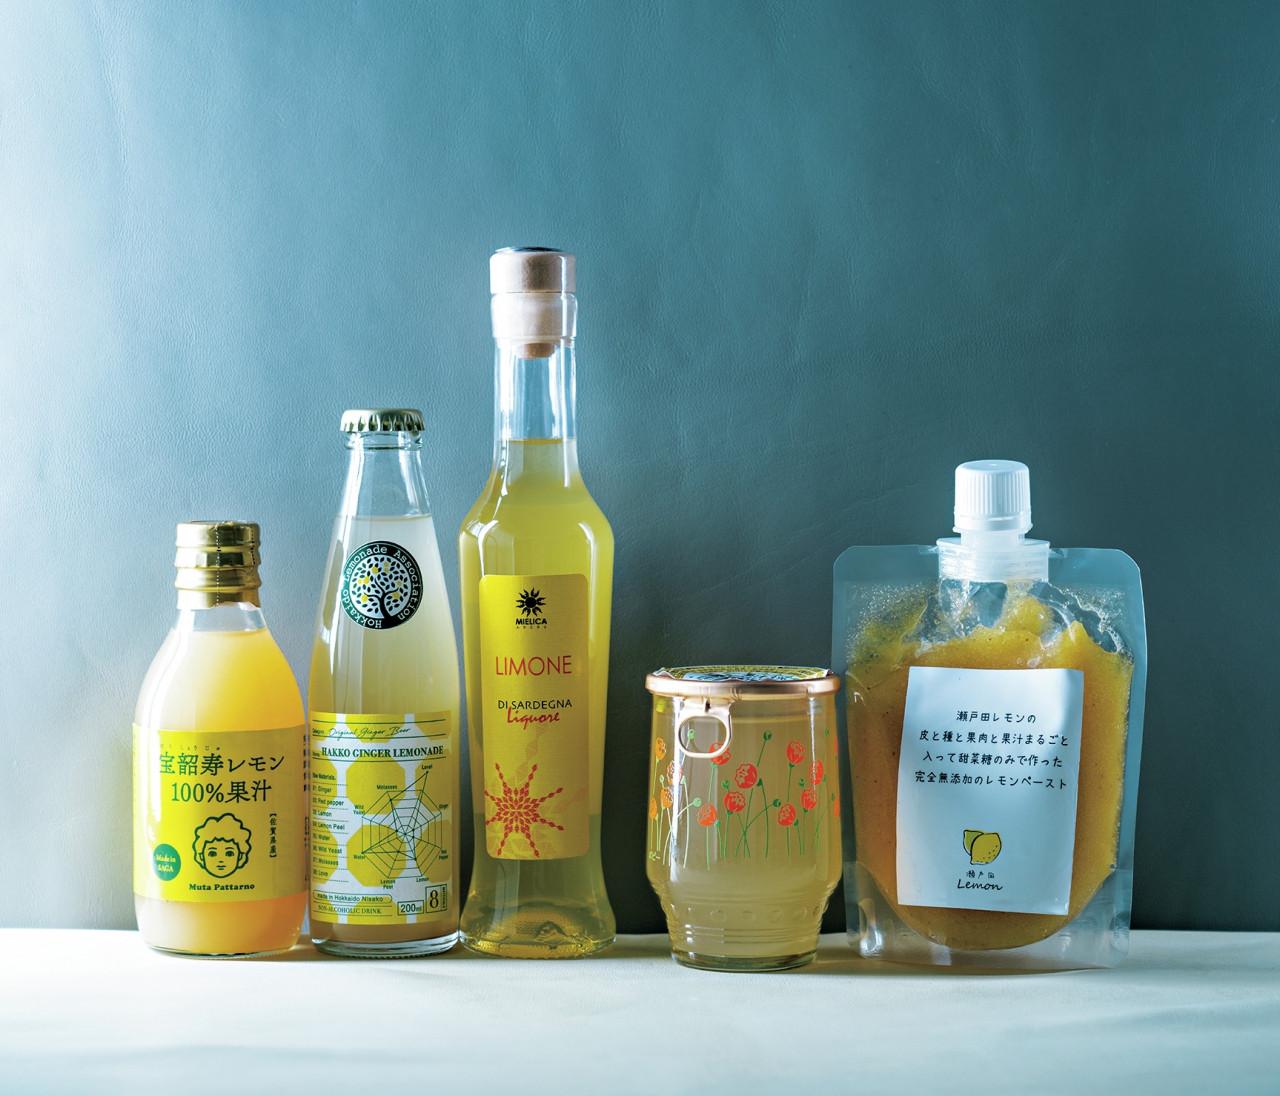 【レモンの飲み物5選】夏の一杯にぴったり! 食通のあの人のお取り寄せは?